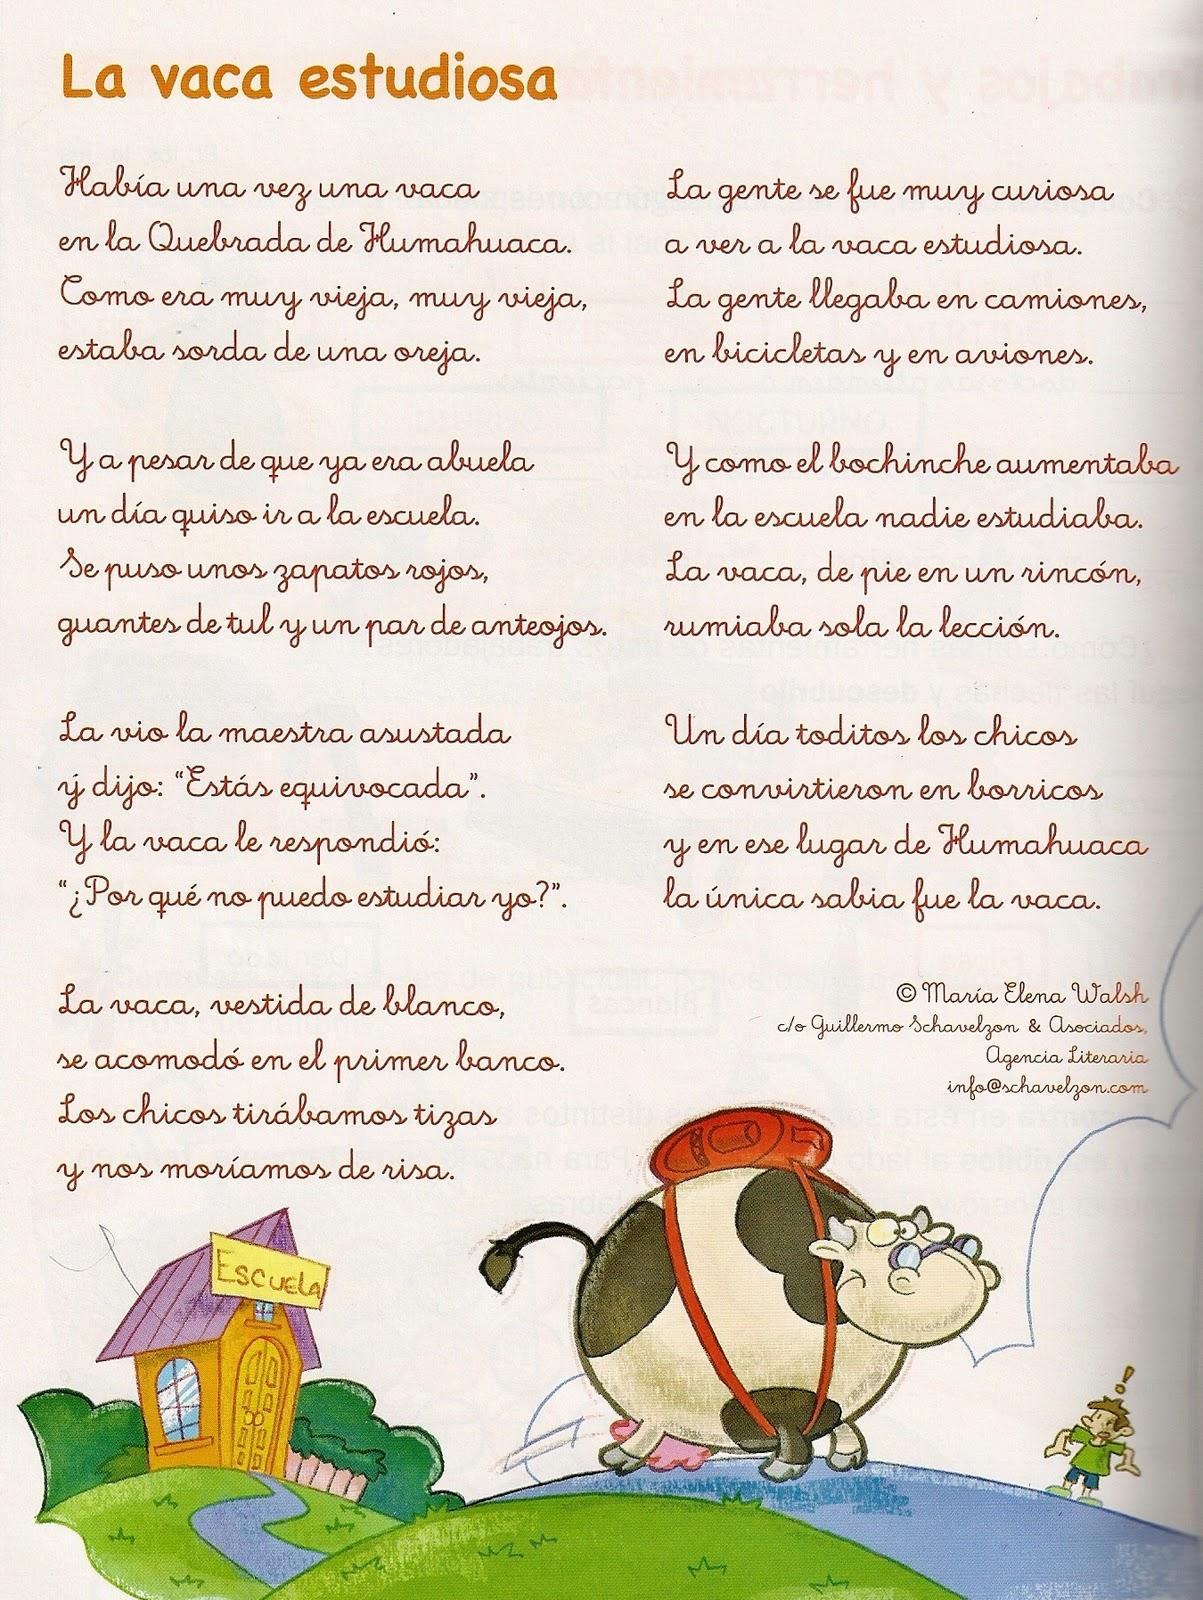 Ejemplos De Poemas De Amor 5 Estrofas | MEJOR CONJUNTO DE FRASES